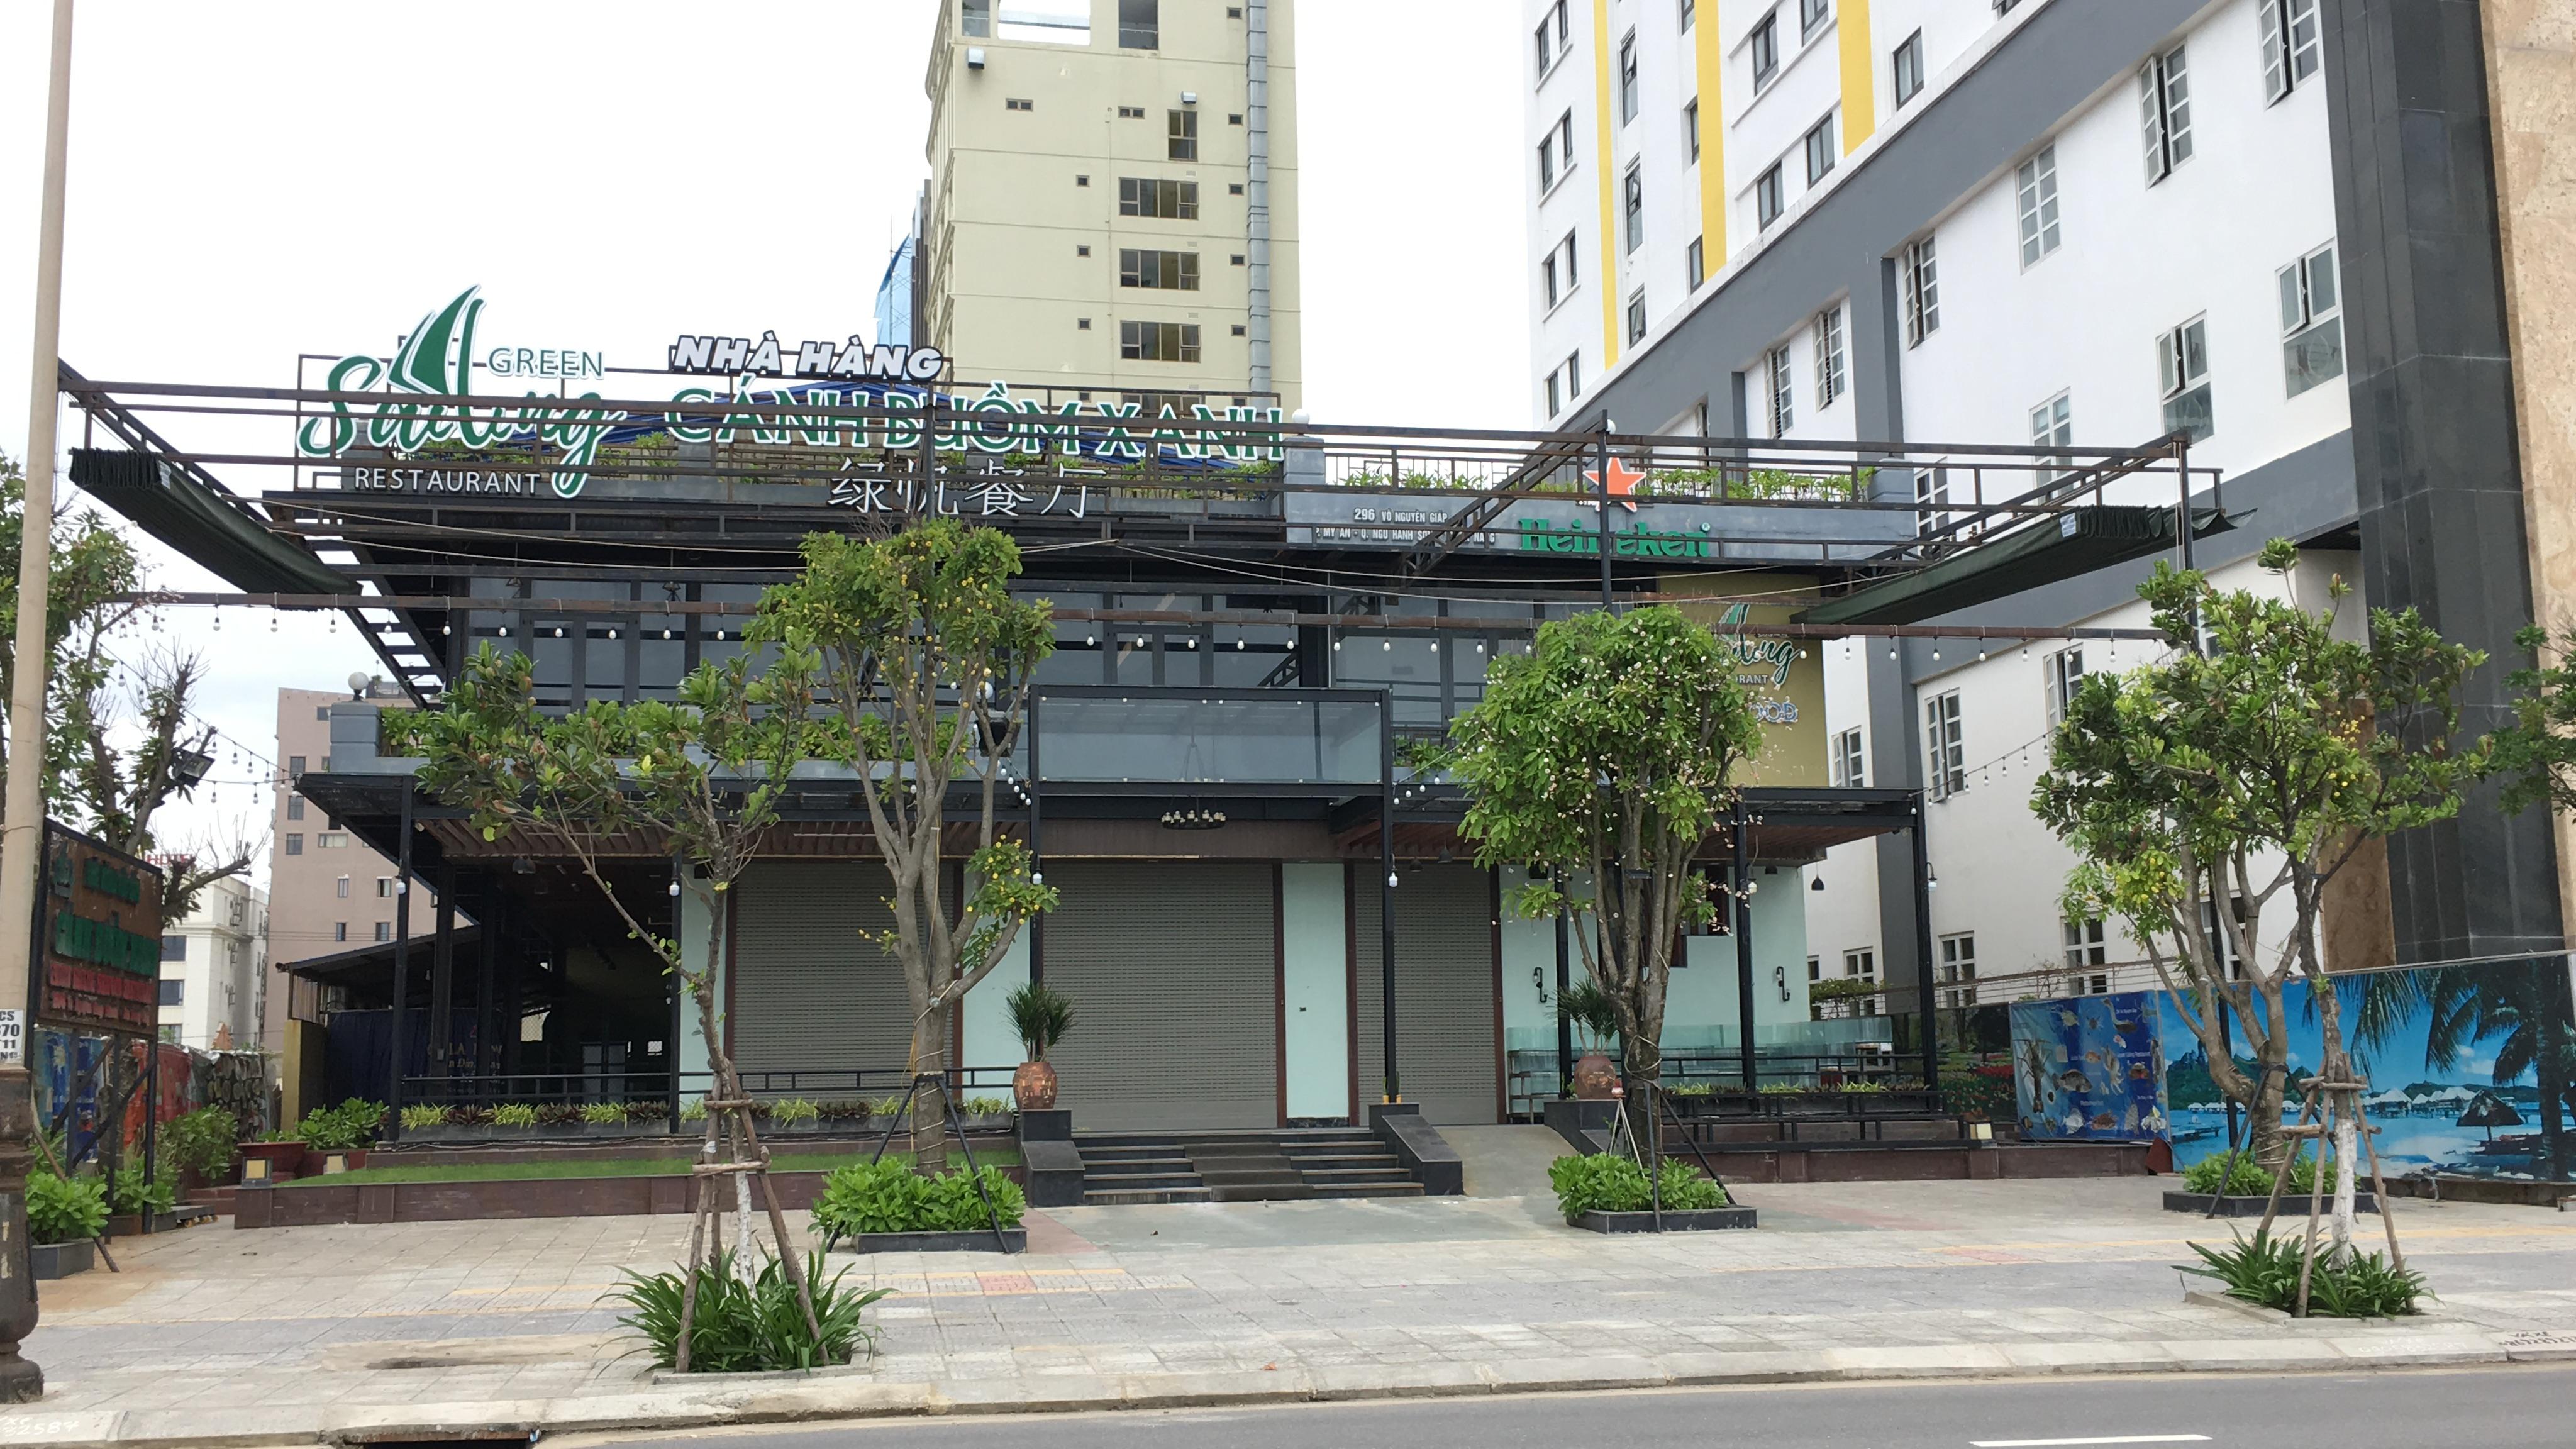 Đà Nẵng: Khách du lịch không đến, không chỉ có khách sạn mà người bán vỉa hè, hàng rong đến nhà hàng, phương tiện vận tải cũng chật vật theo - Ảnh 5.